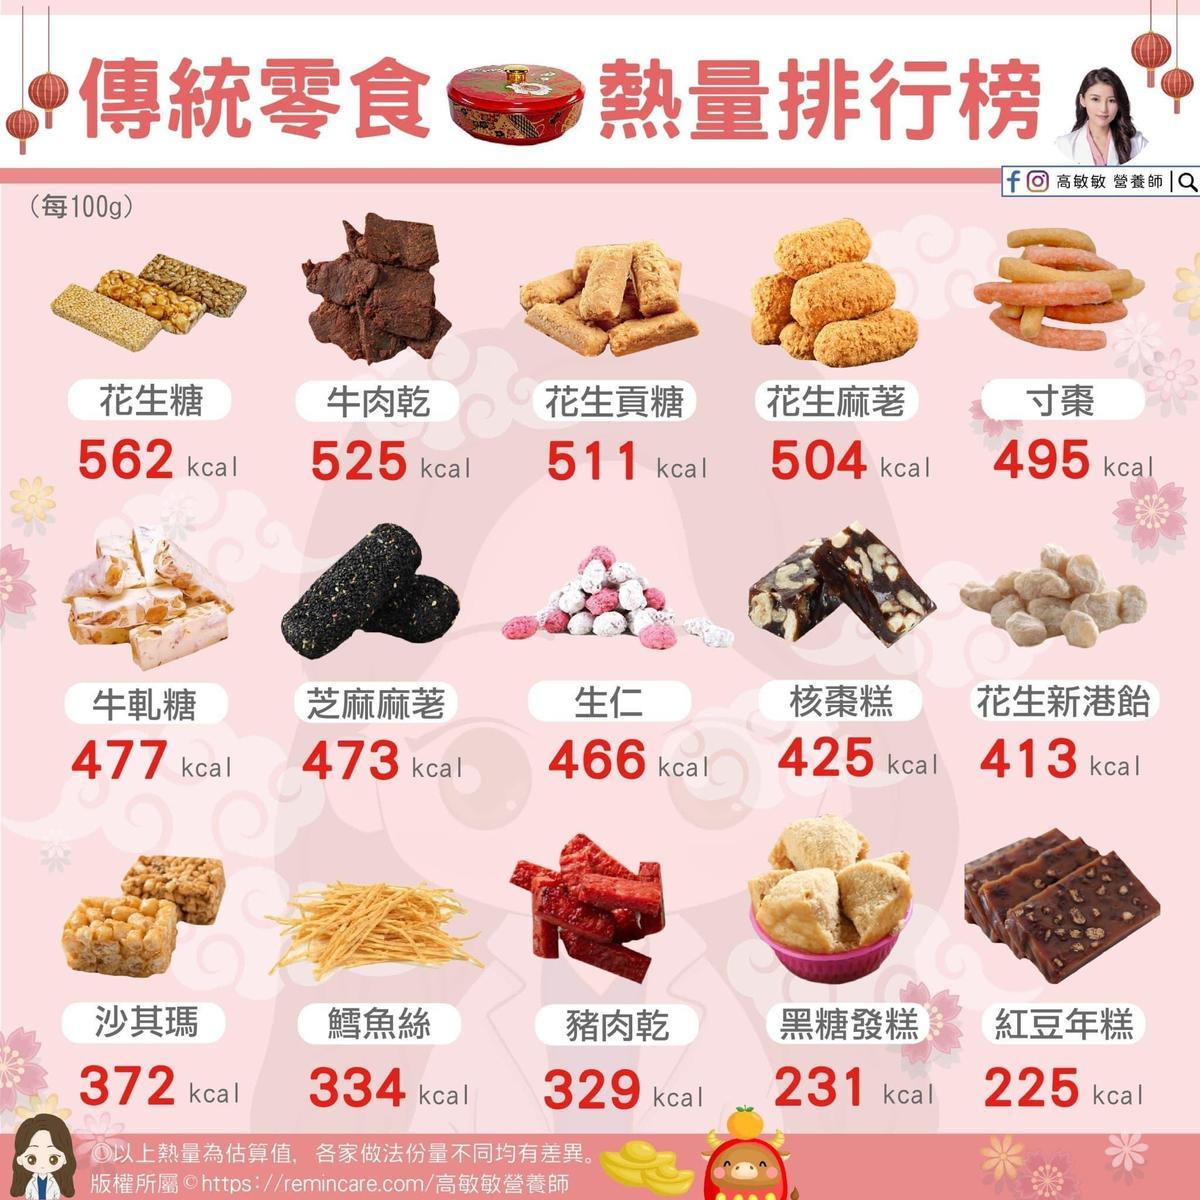 營養師高敏敏在臉書列出過年「15項傳統零食熱量排行」。(翻攝自高敏敏 營養師臉書)